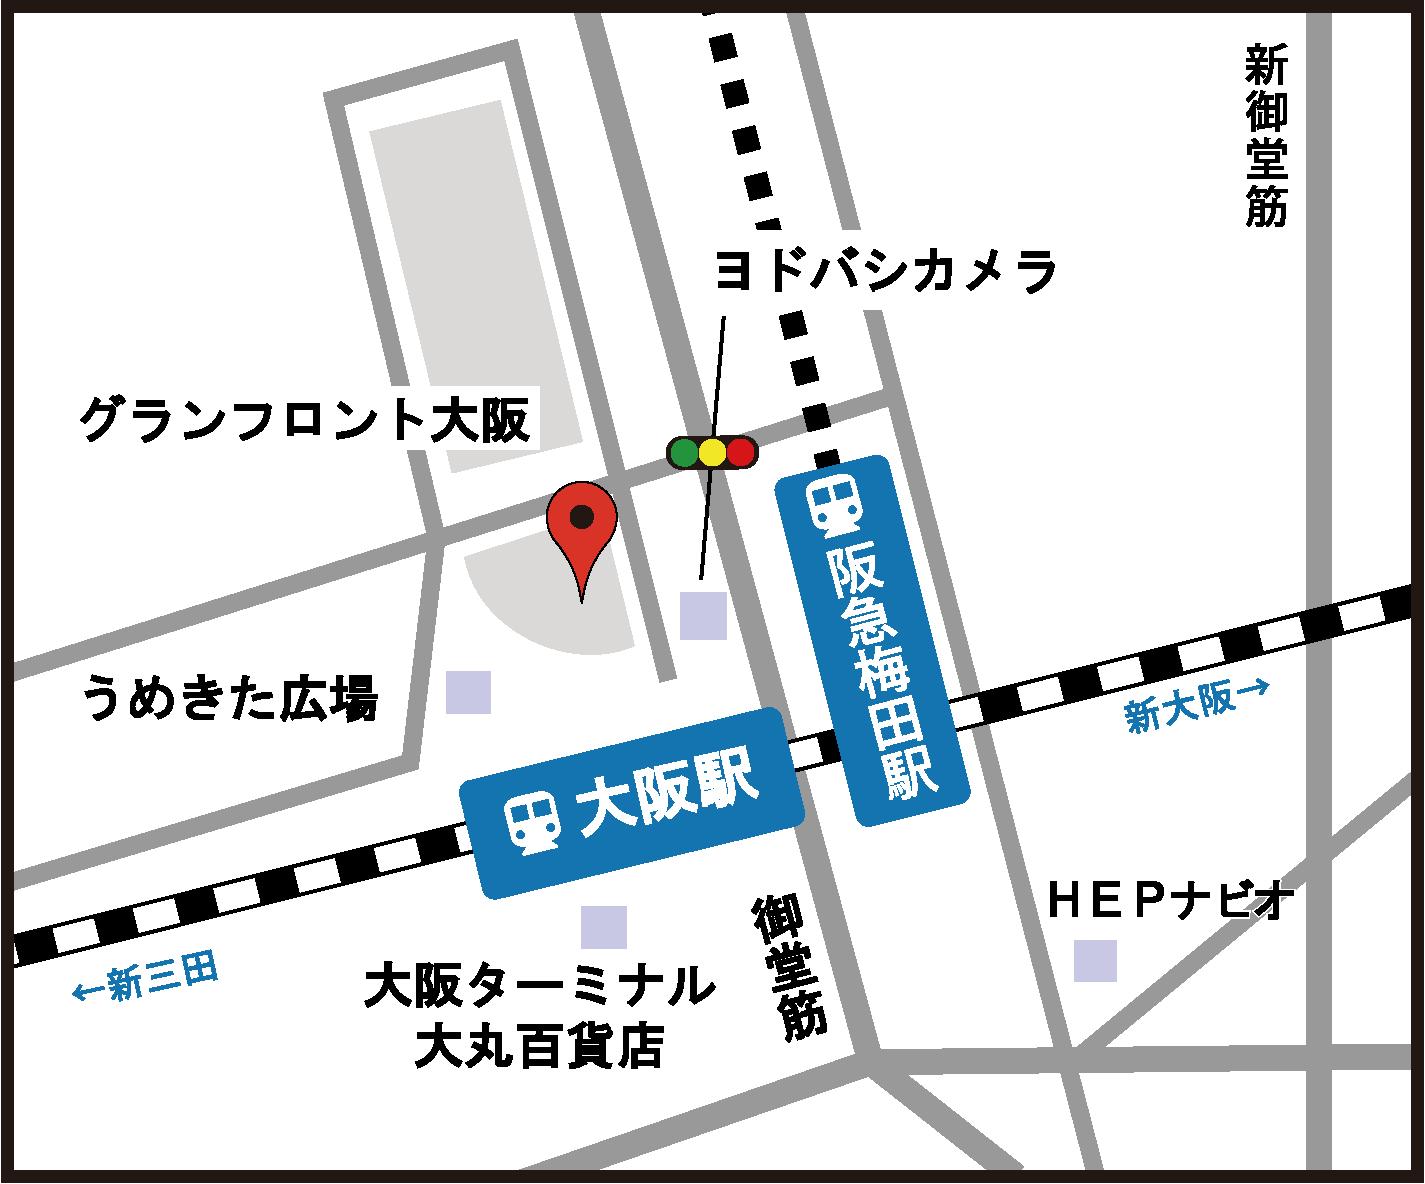 大阪教室アクセスマップ